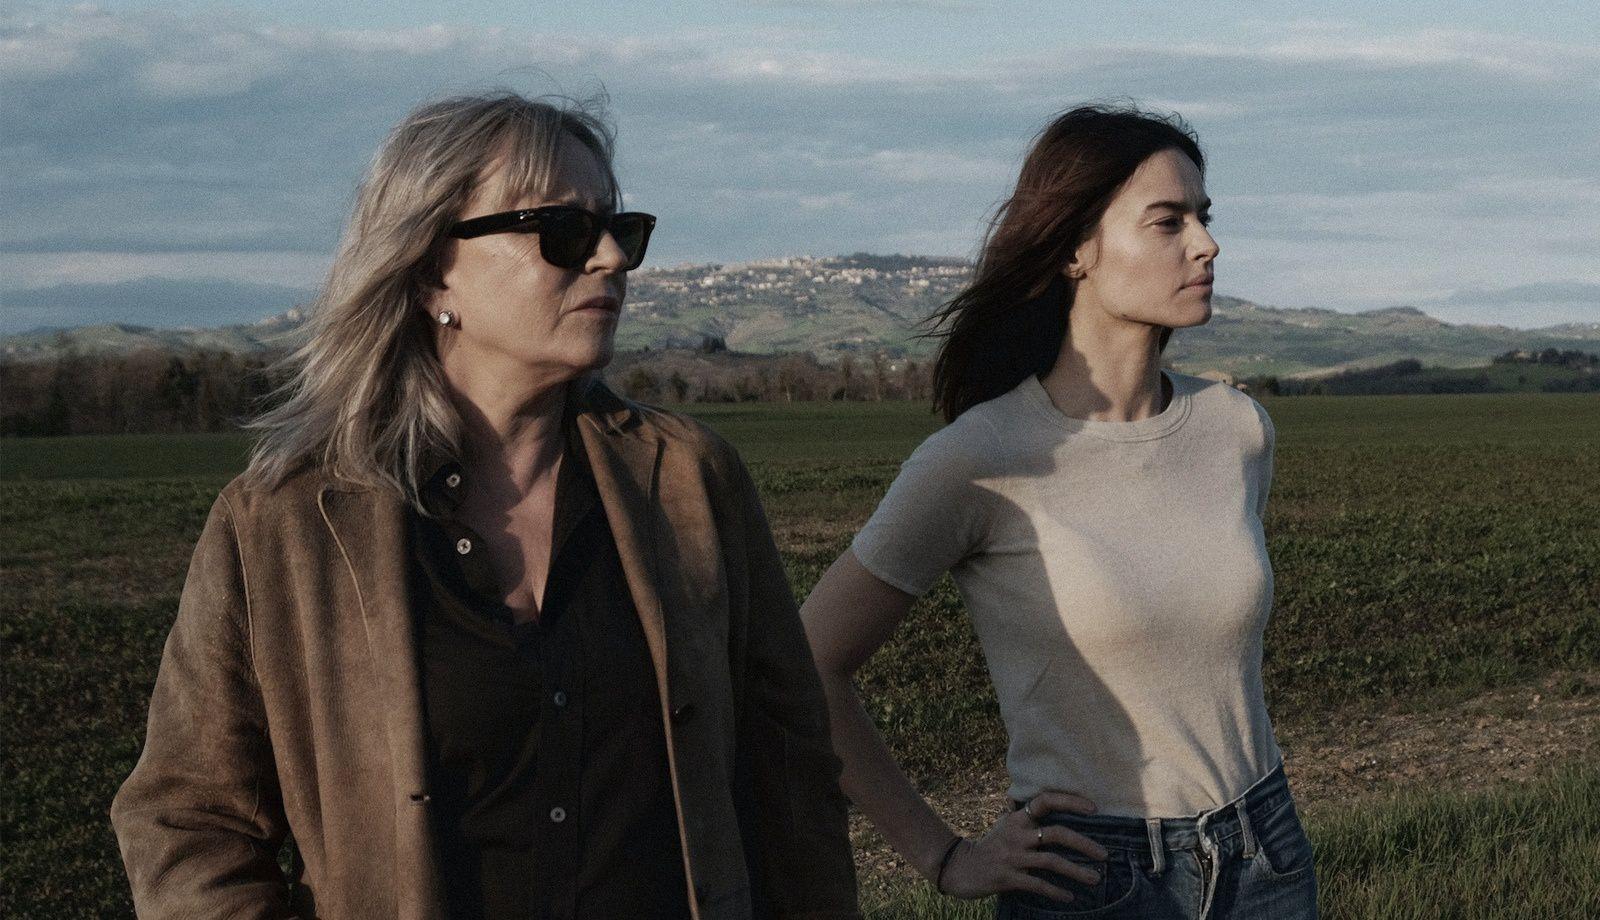 Bande-annonce du film Un soir en Toscane (VOST).